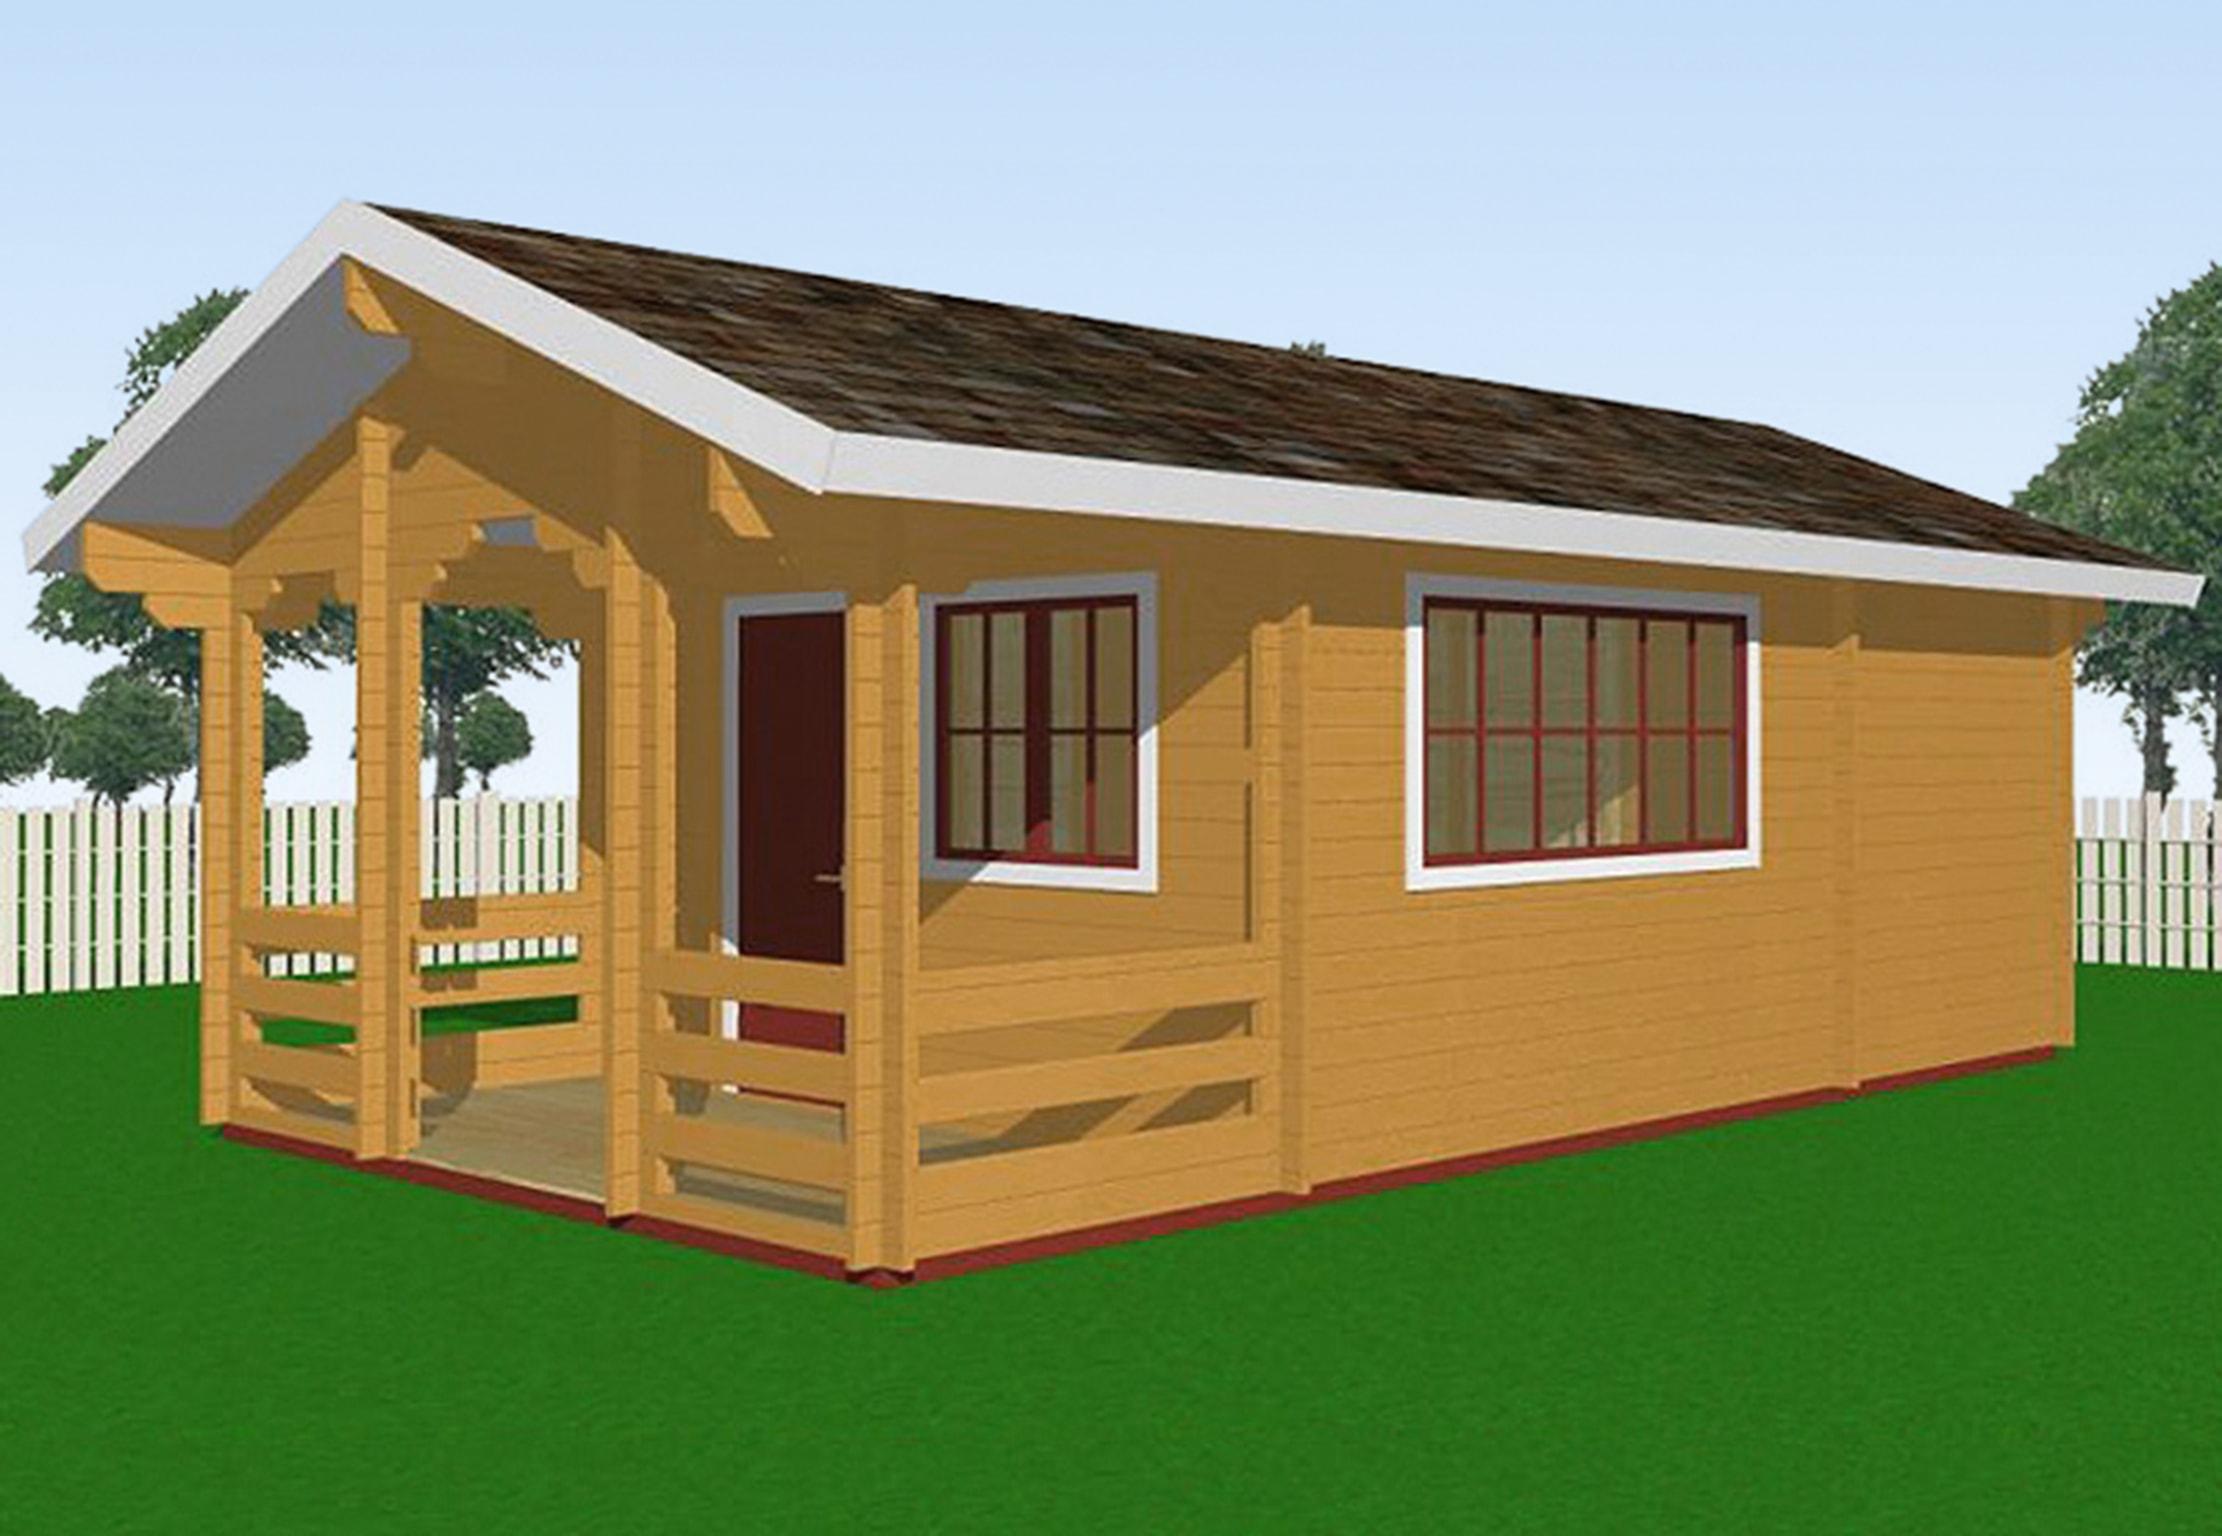 gartenhaus und ger tehaus satteldach stralsund kaufen. Black Bedroom Furniture Sets. Home Design Ideas